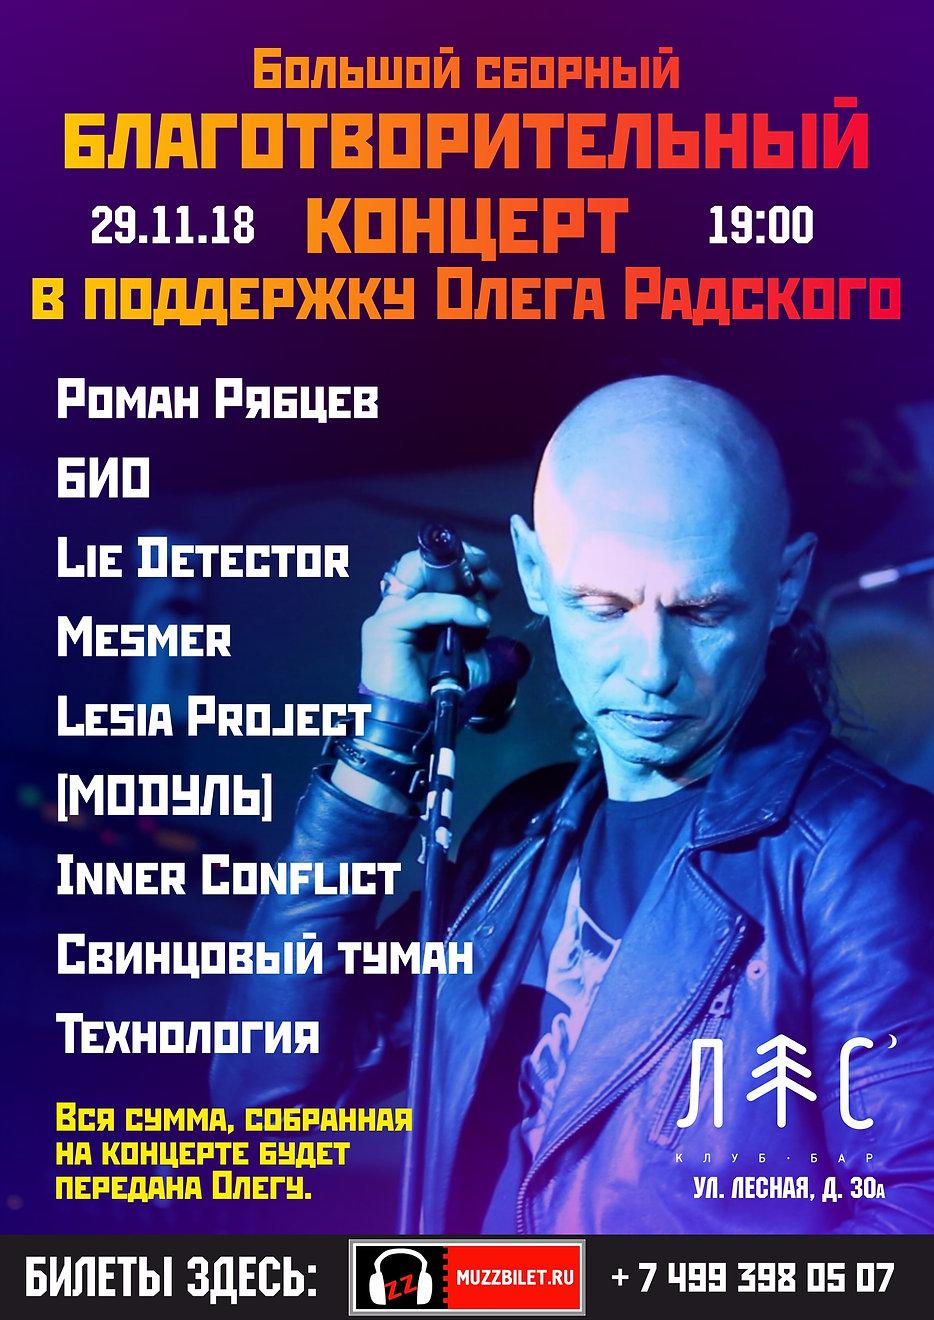 Afisha_Oleg Radsky Friends_29.11.18_A4_v